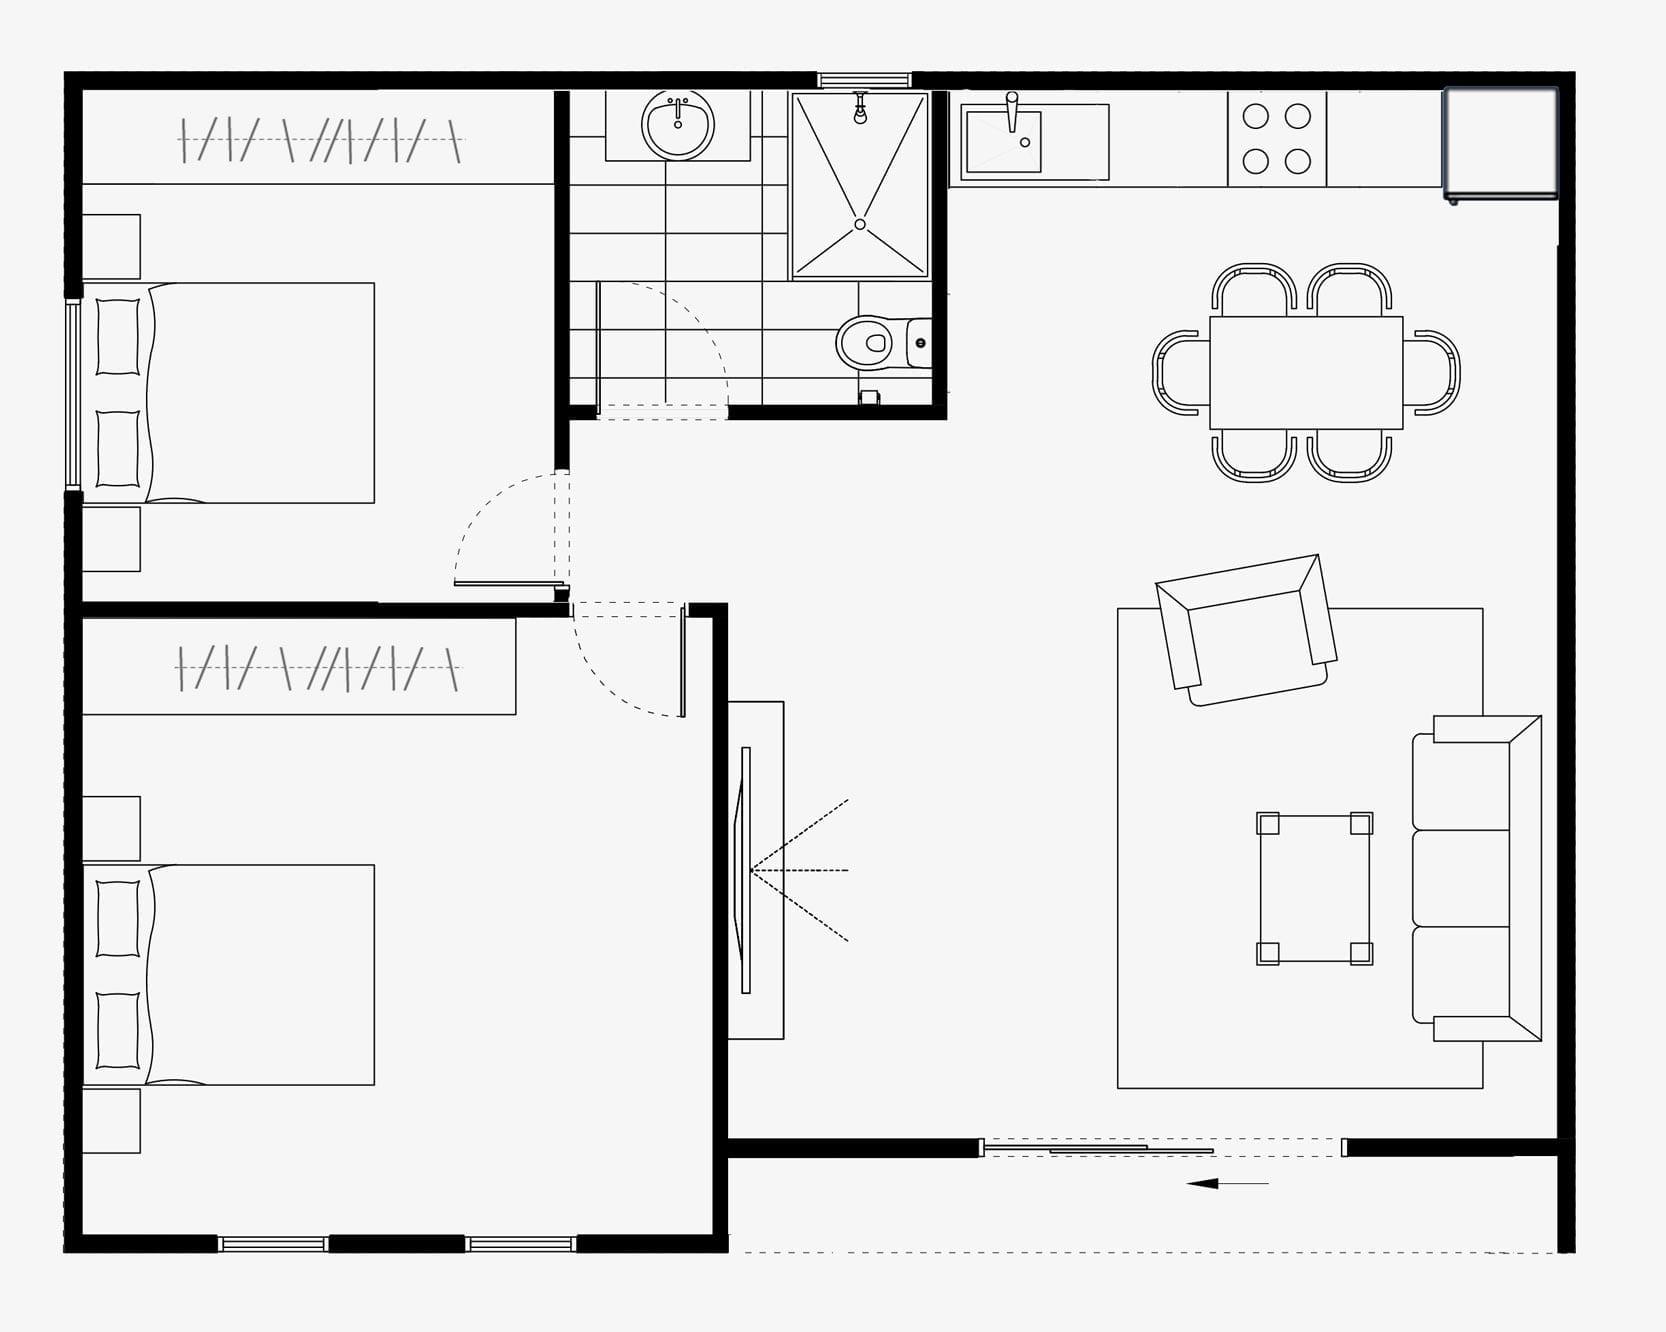 garden studio bawa floor plan